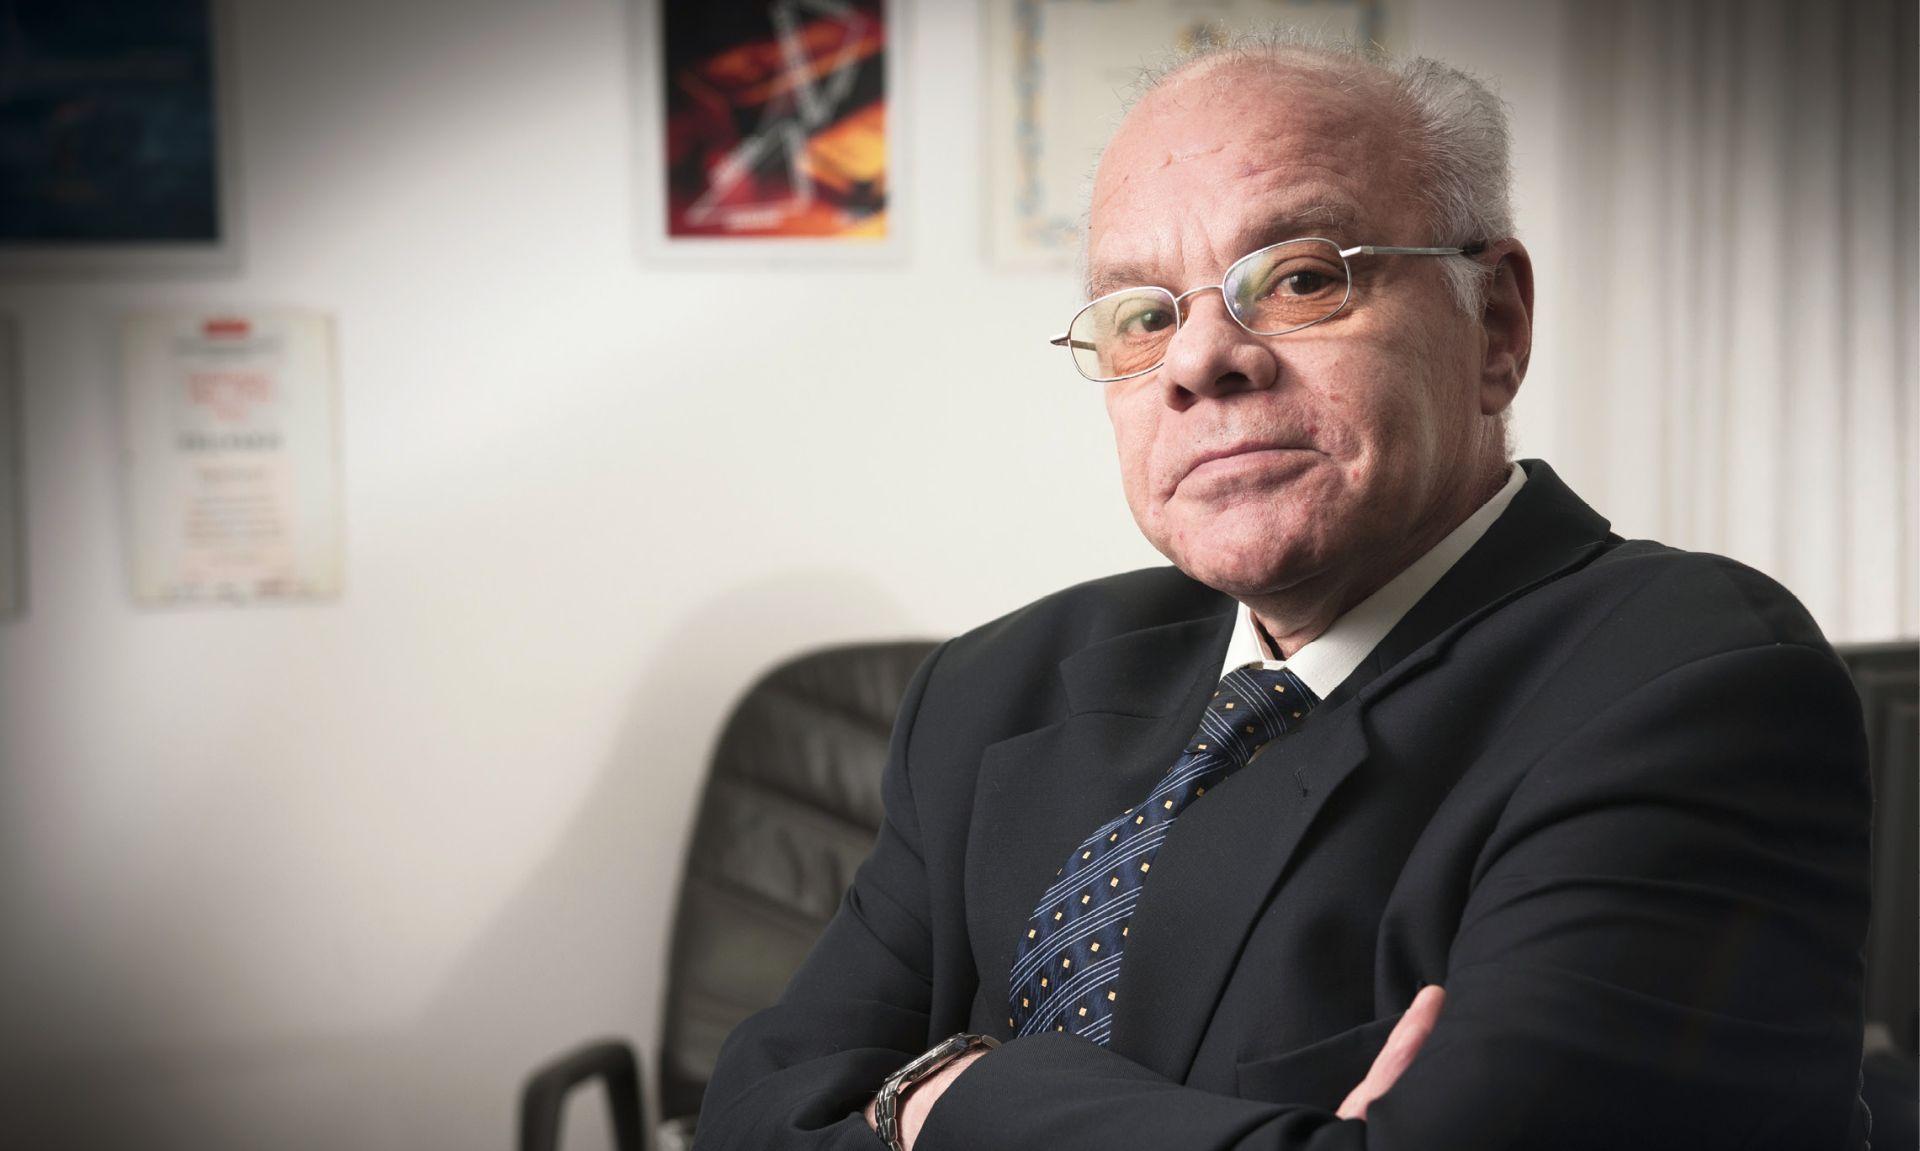 INTERVJU Guste Santini: 'Čudim se da Most nije tražio mjesto ministra financija'